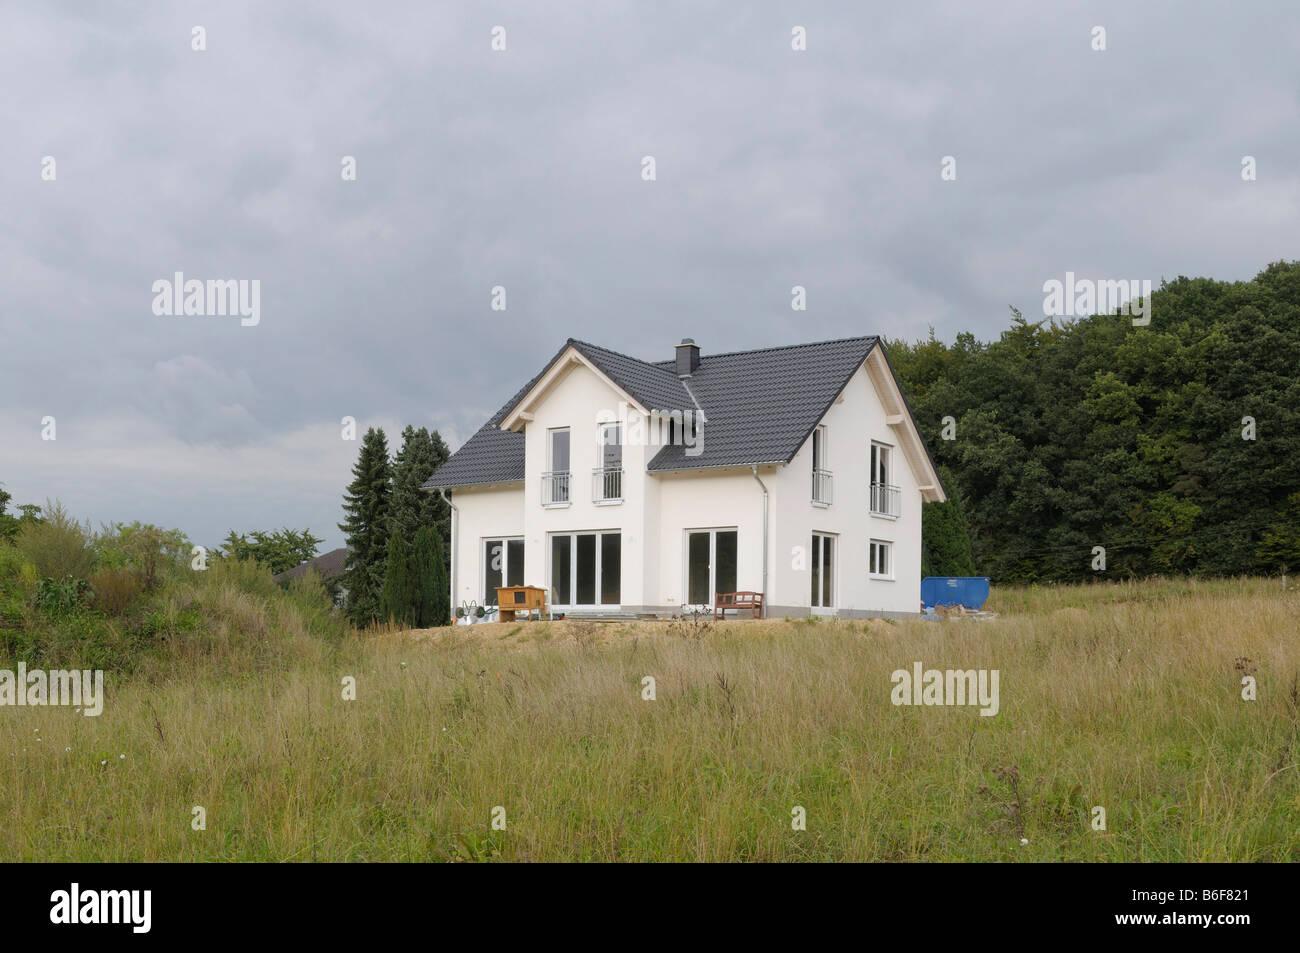 Recientemente terminada residencia en zona en desarrollo, Renania del Norte-Westfalia, Alemania, Europa Imagen De Stock